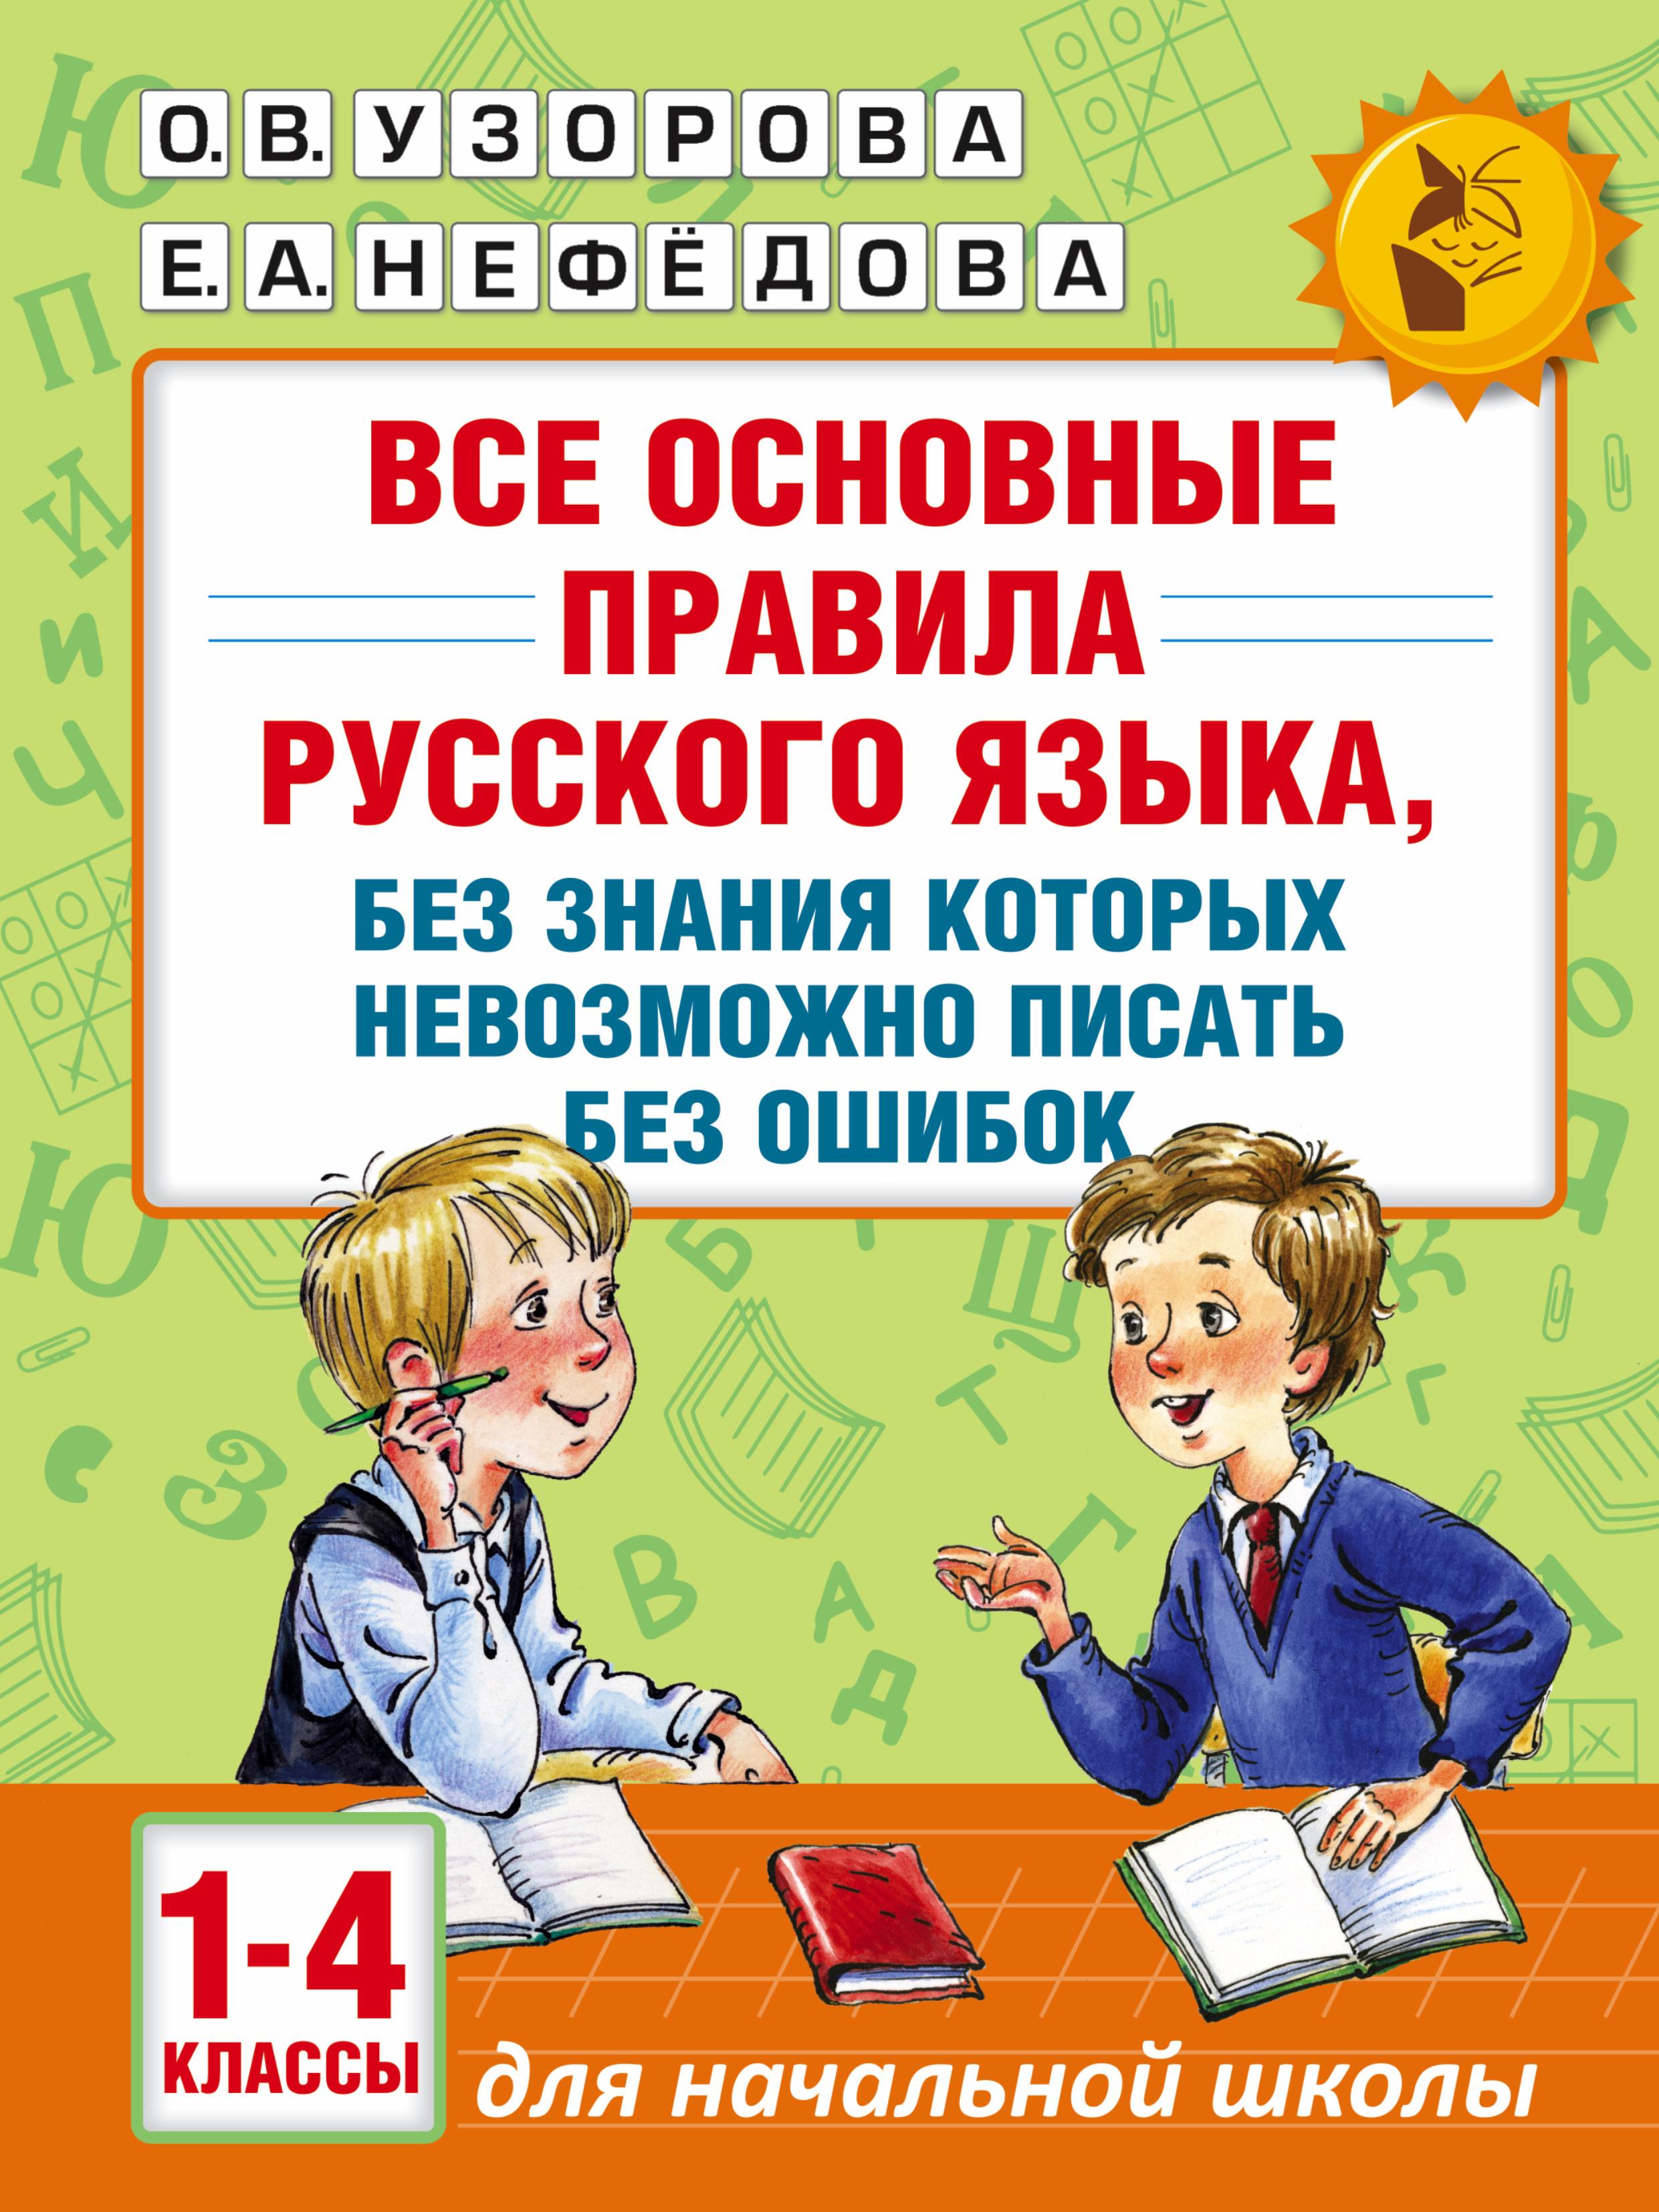 Узорова О.В. Все основные правила русского языка, без знания которых невозможно писать без ошибок. 1-4 классы все правила русского языка в картинках 1 4 классы